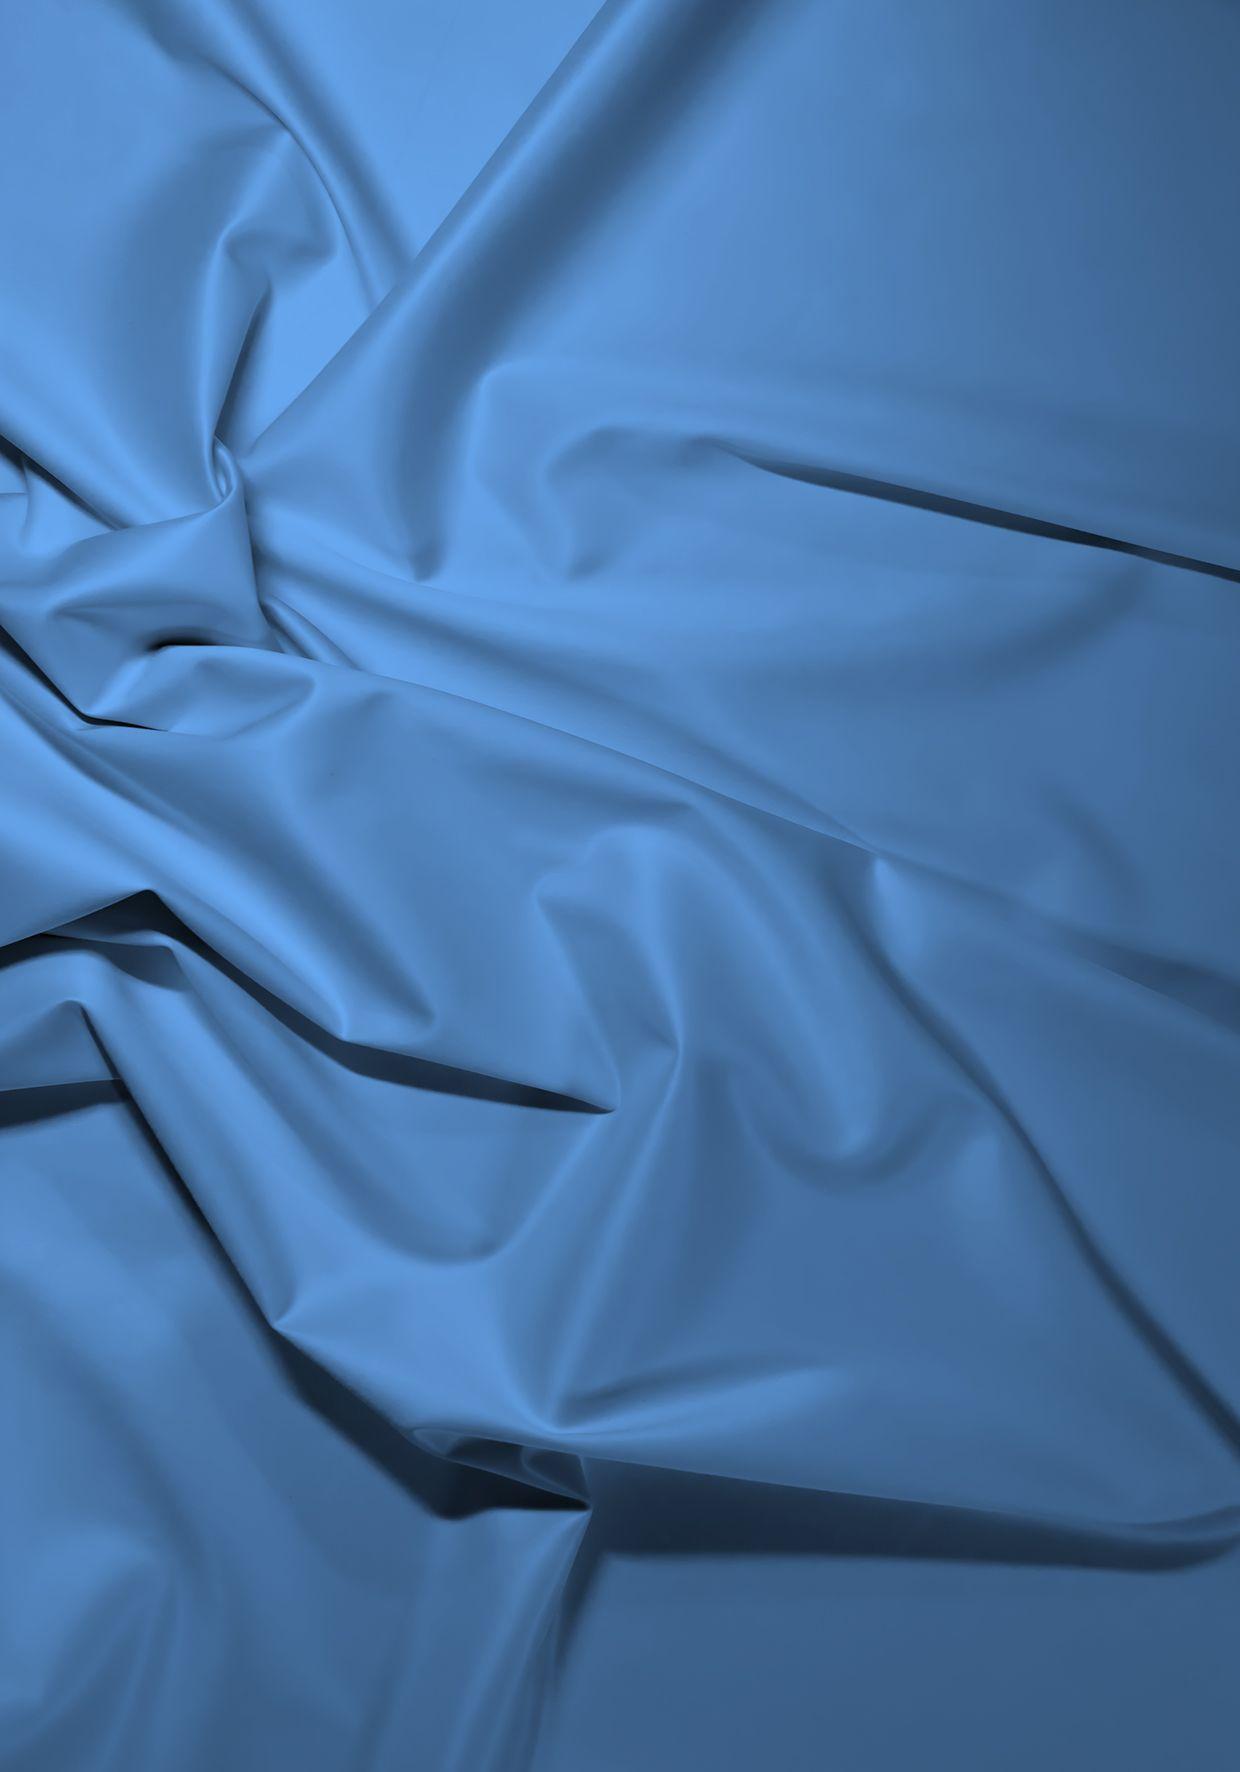 parrhasios-bleu-fe5a026a9afacb9b8b2de3ba3cd327b7